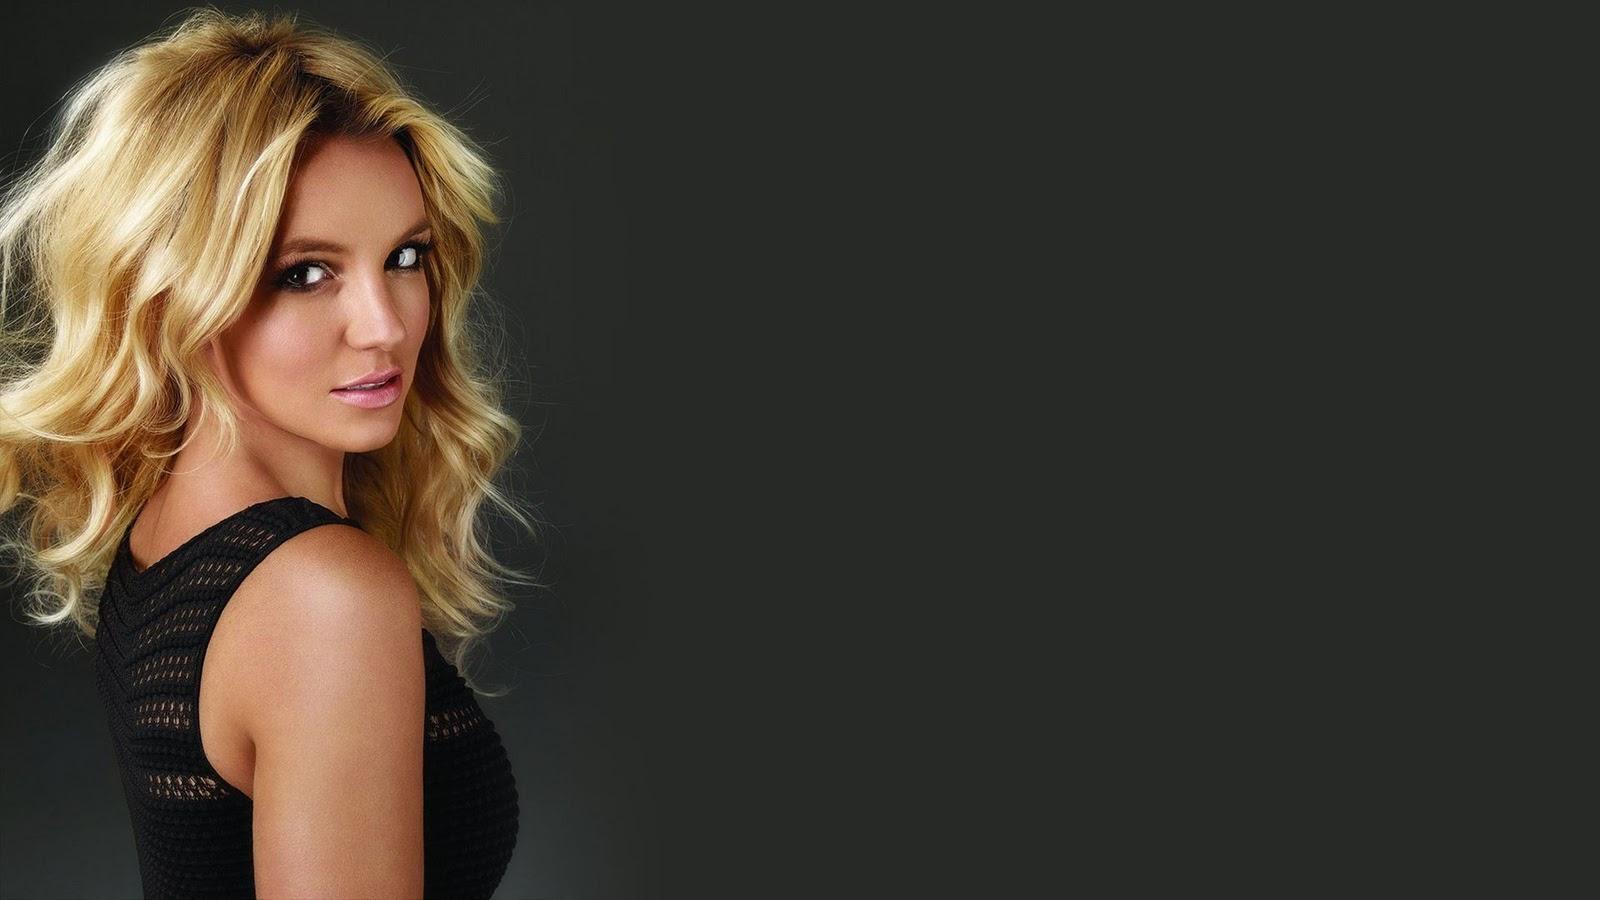 Western Hot Models by www.gudangcewek.com